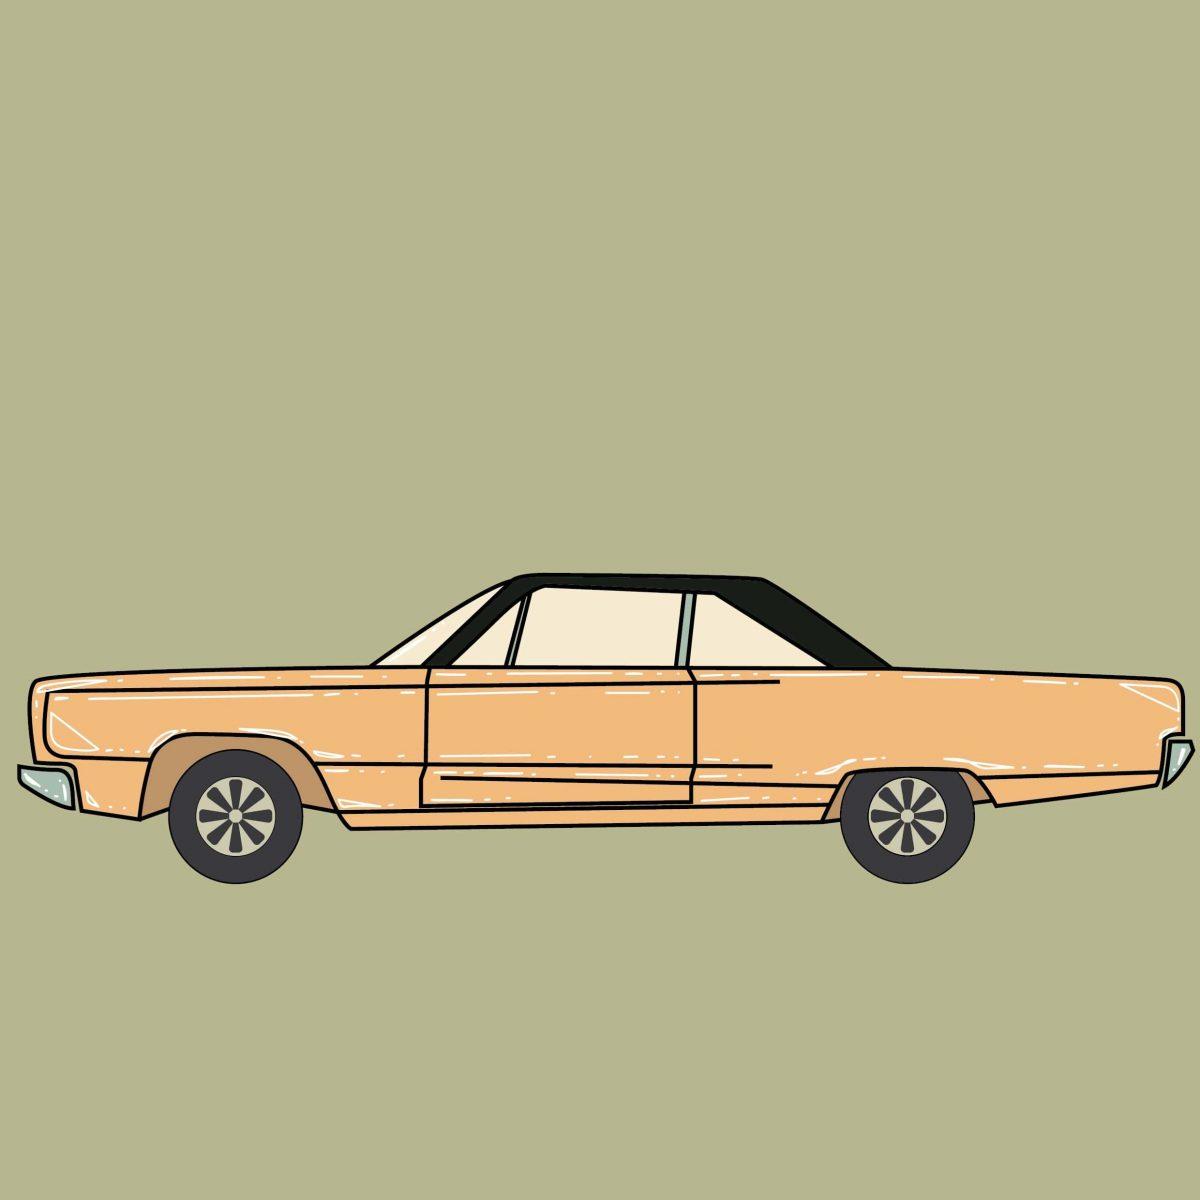 עלות השחרת חלונות לרכב – איך נקבע המחיר?